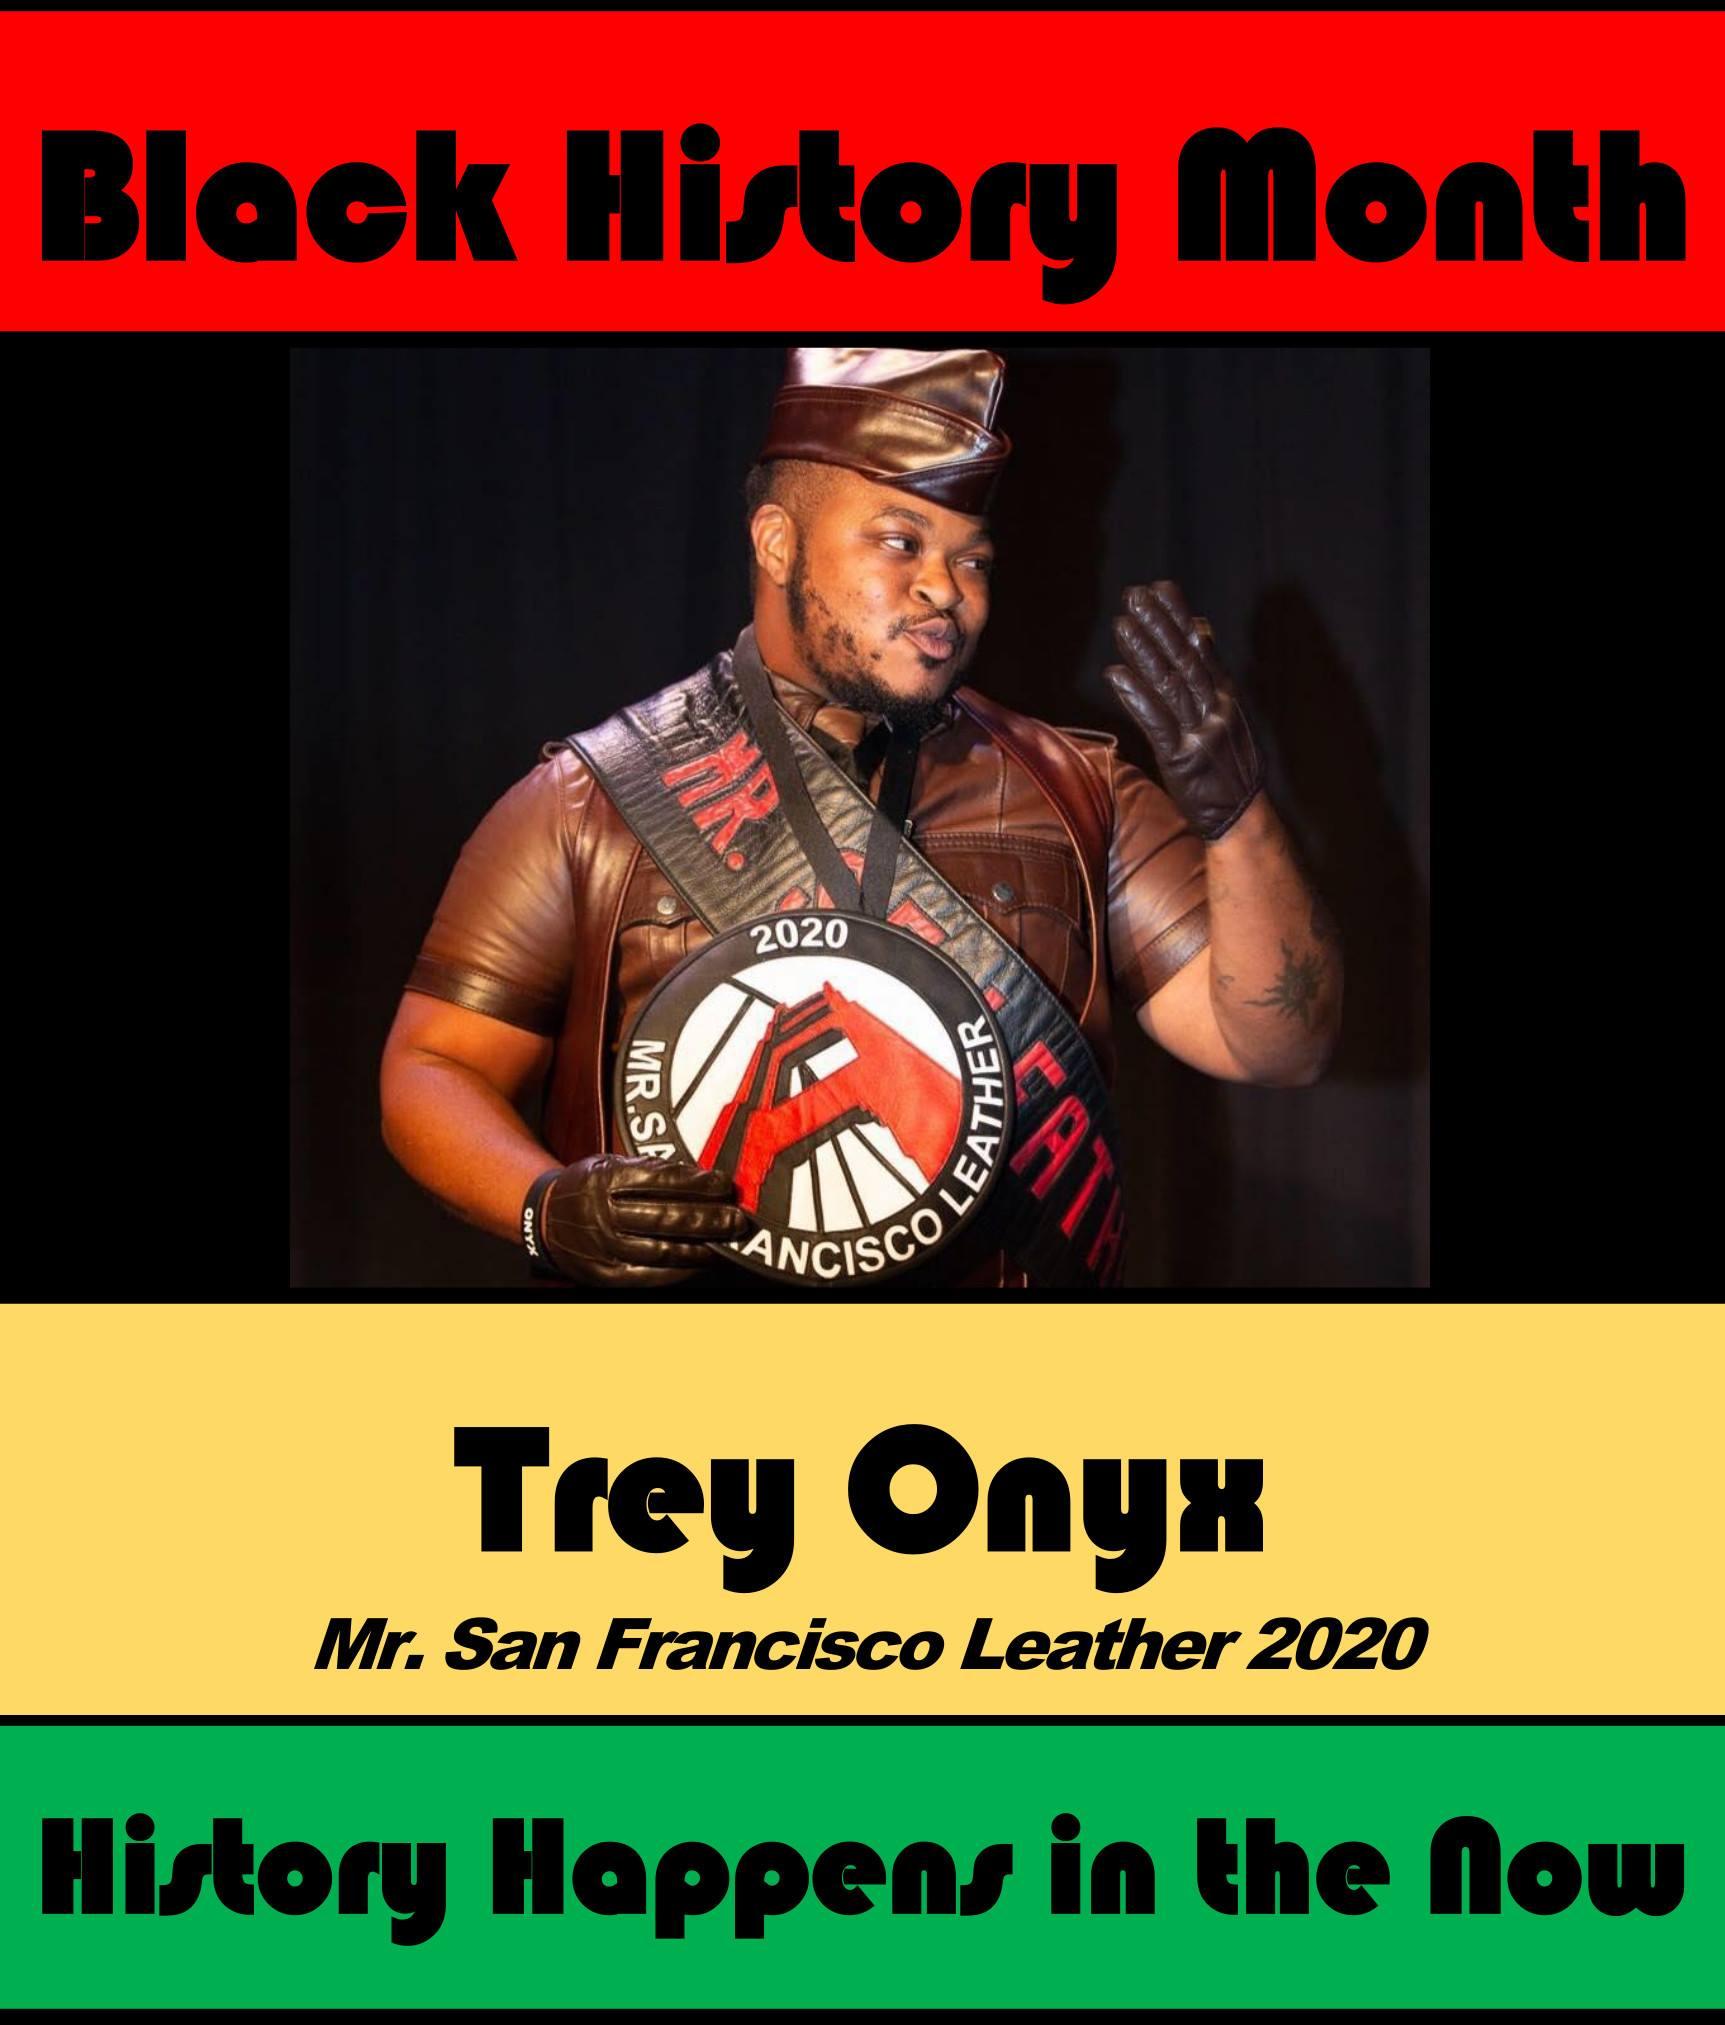 Trey Onyx #POCKLEBlackHistoryMonth